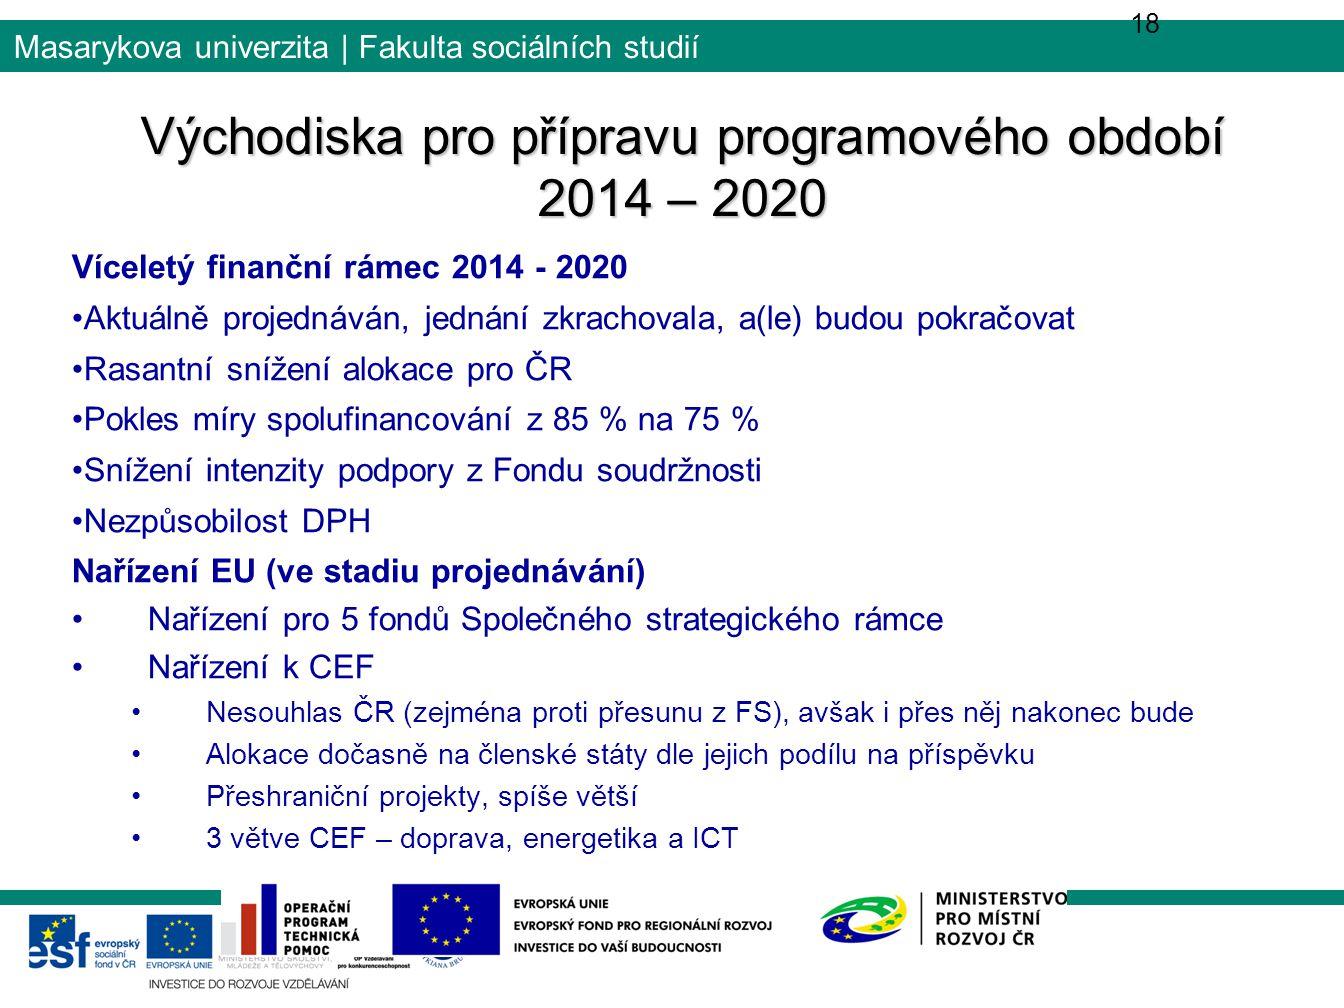 Východiska pro přípravu programového období 2014 – 2020